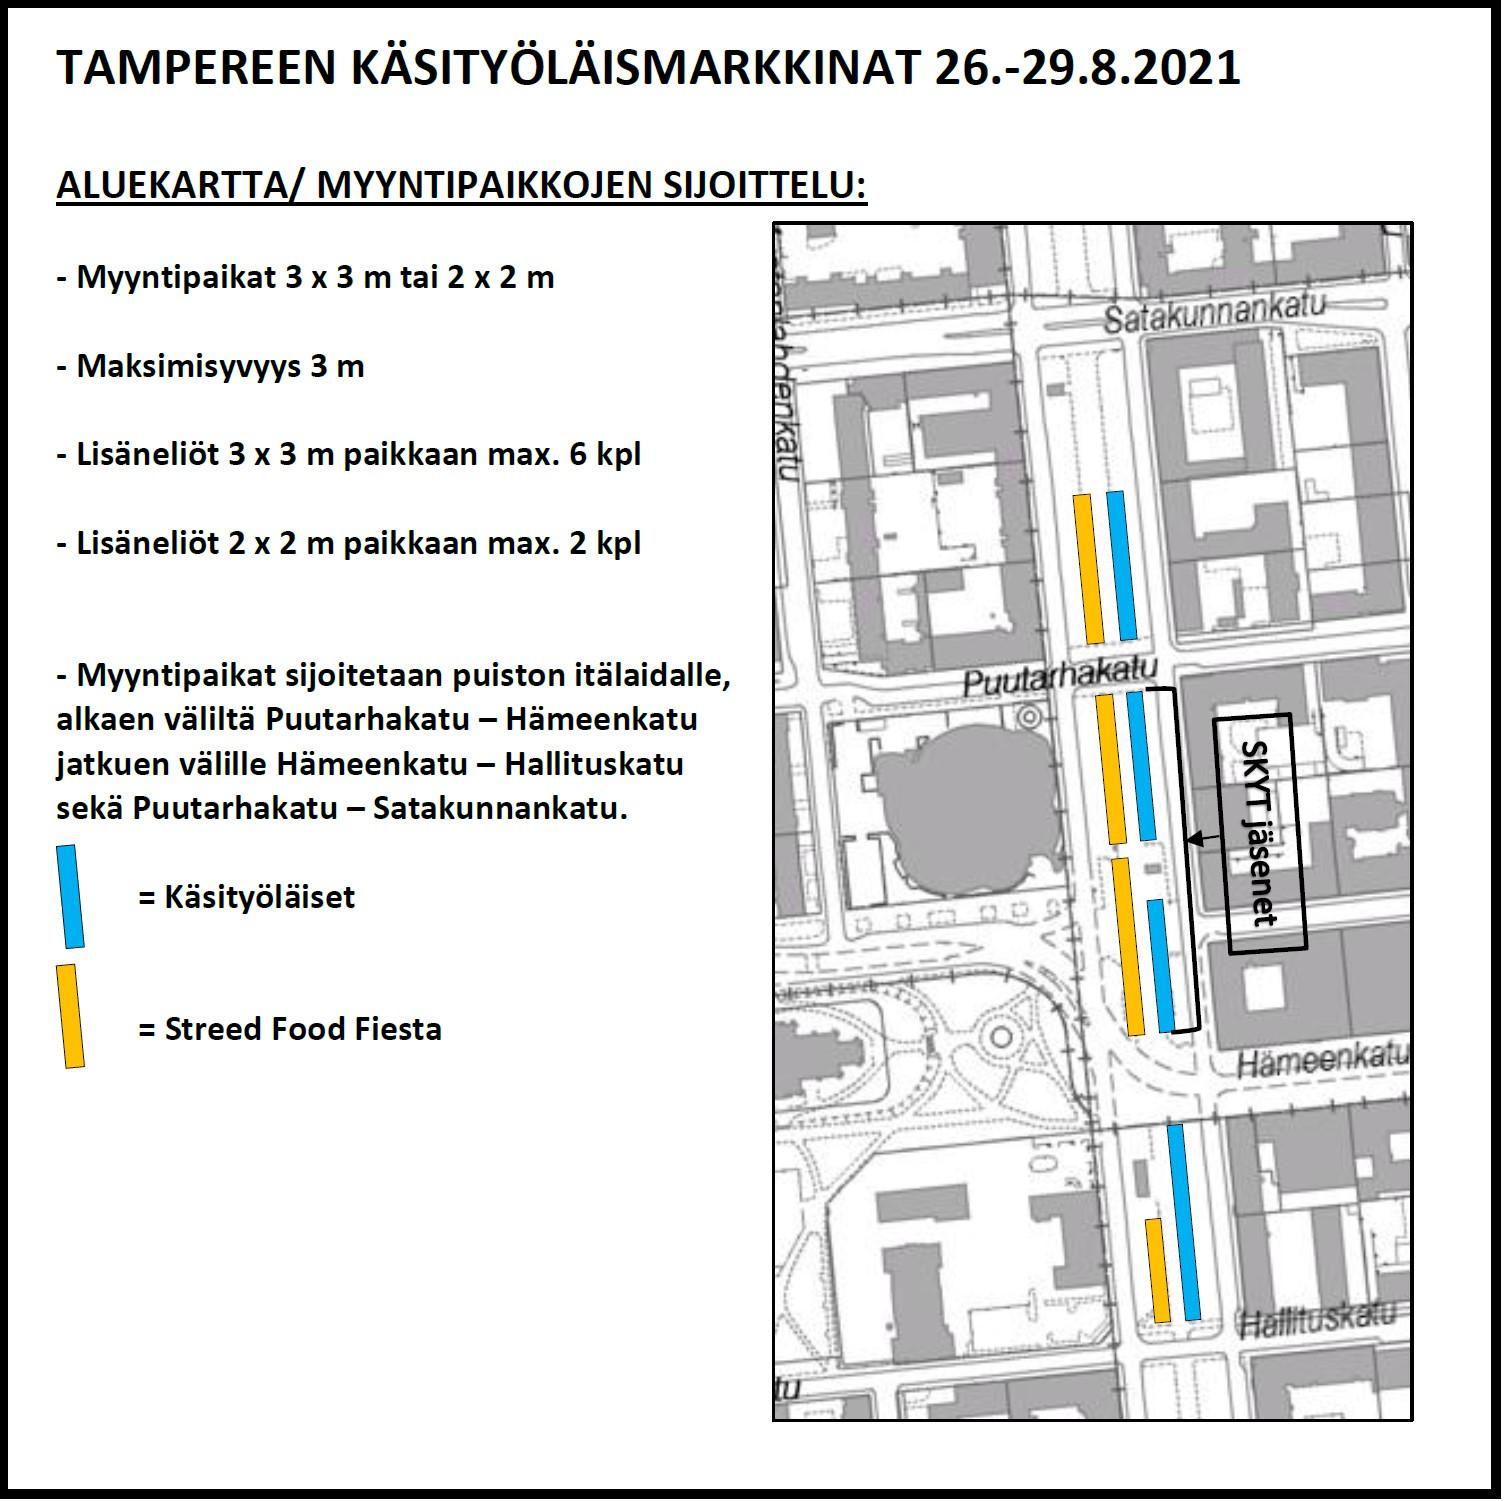 Kartta tapahtumaan Tampereen Käsityöläismarkkinat 26.-29.8.2021